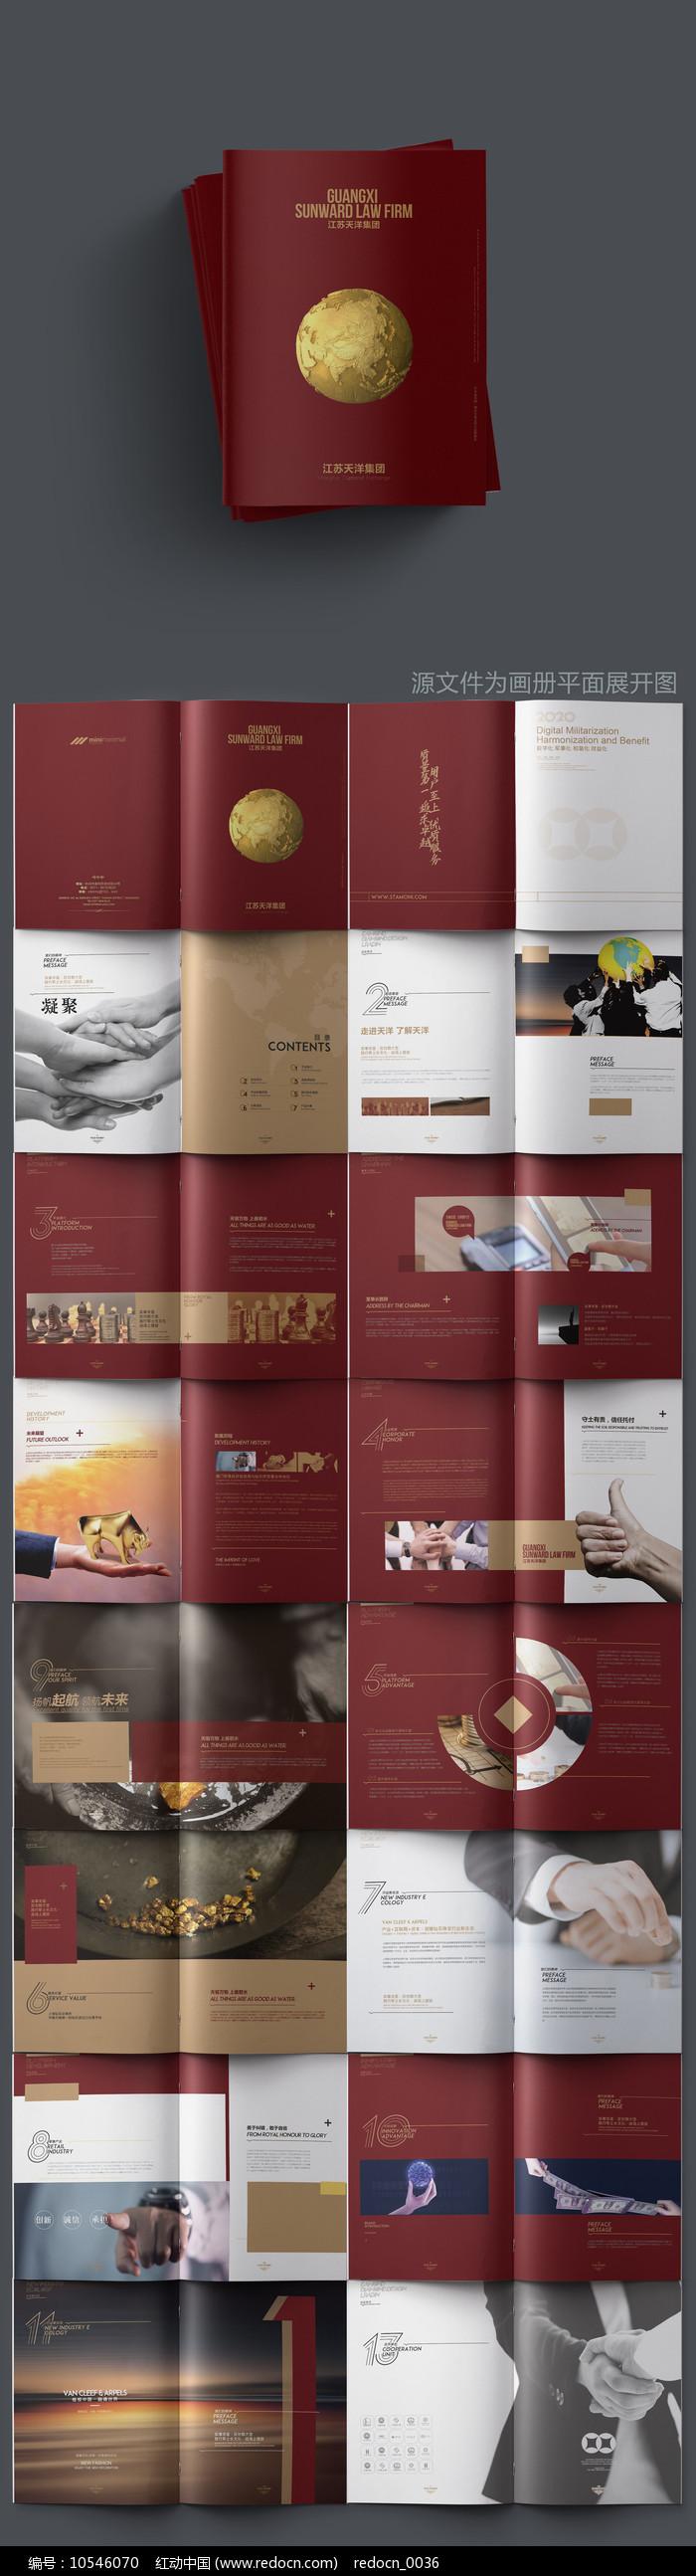 大气红色金融画册设计图片